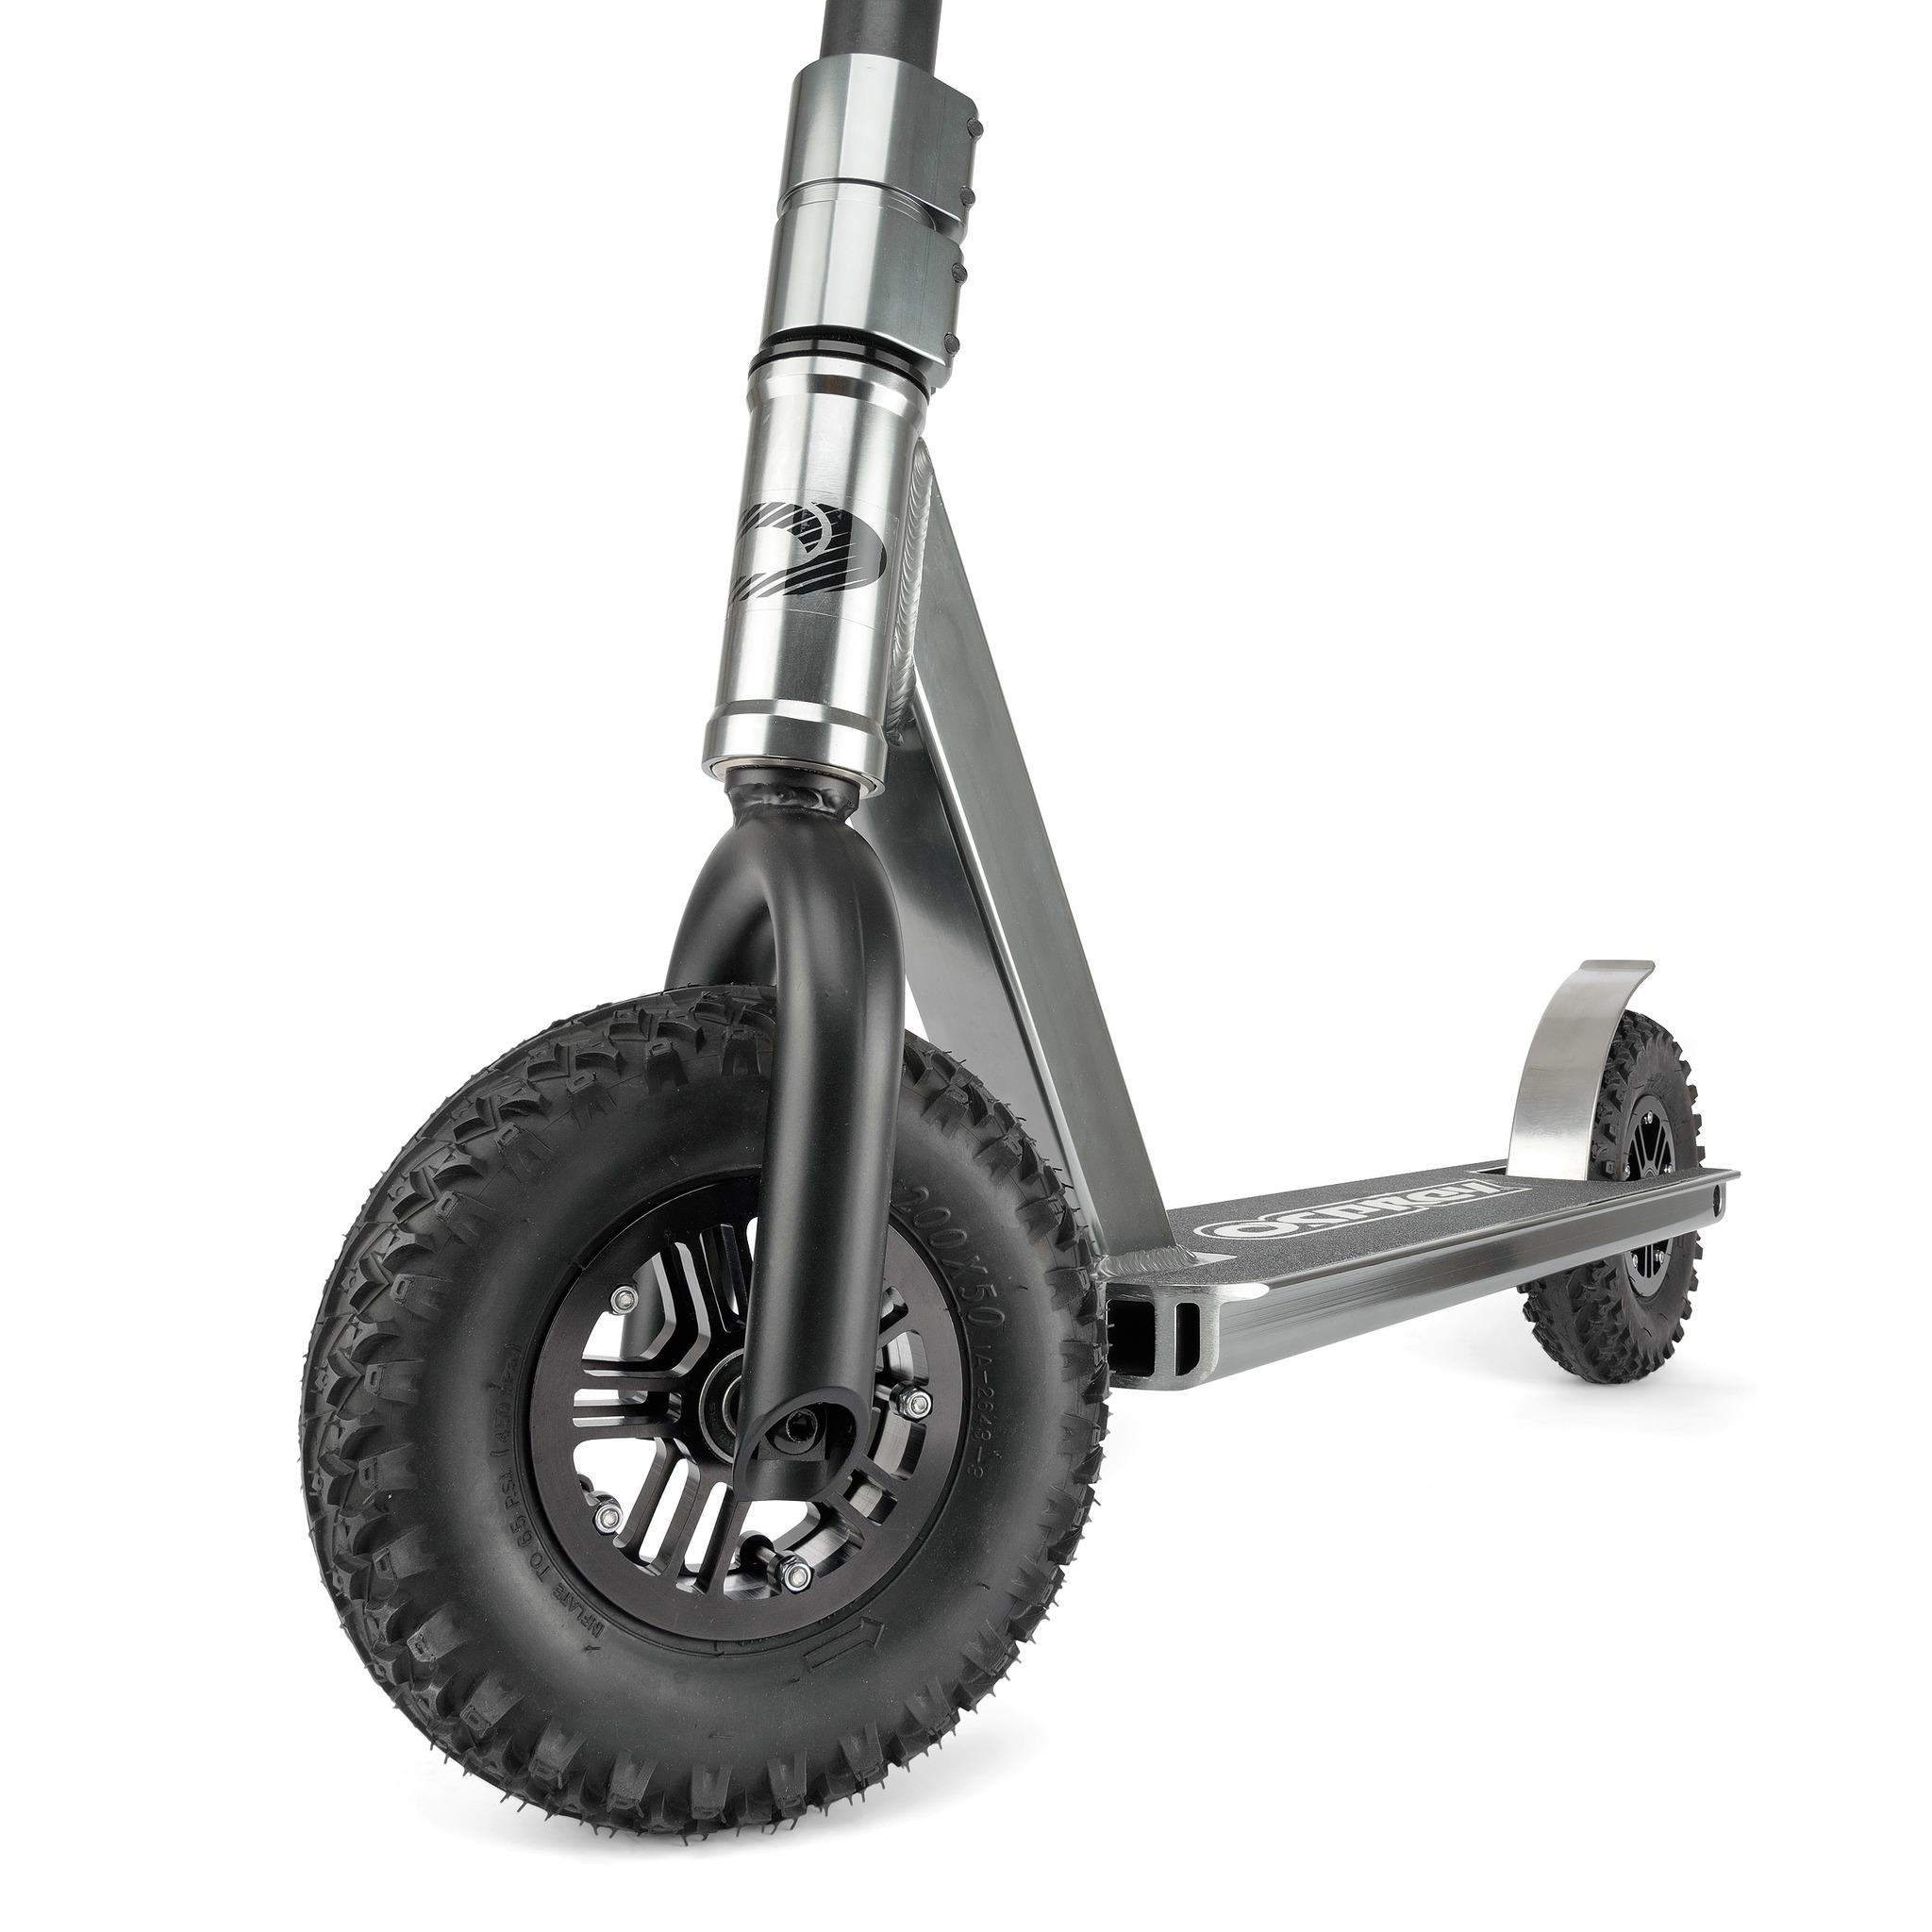 Самокат Внедорожник Osprey. Надувные колеса. Графит